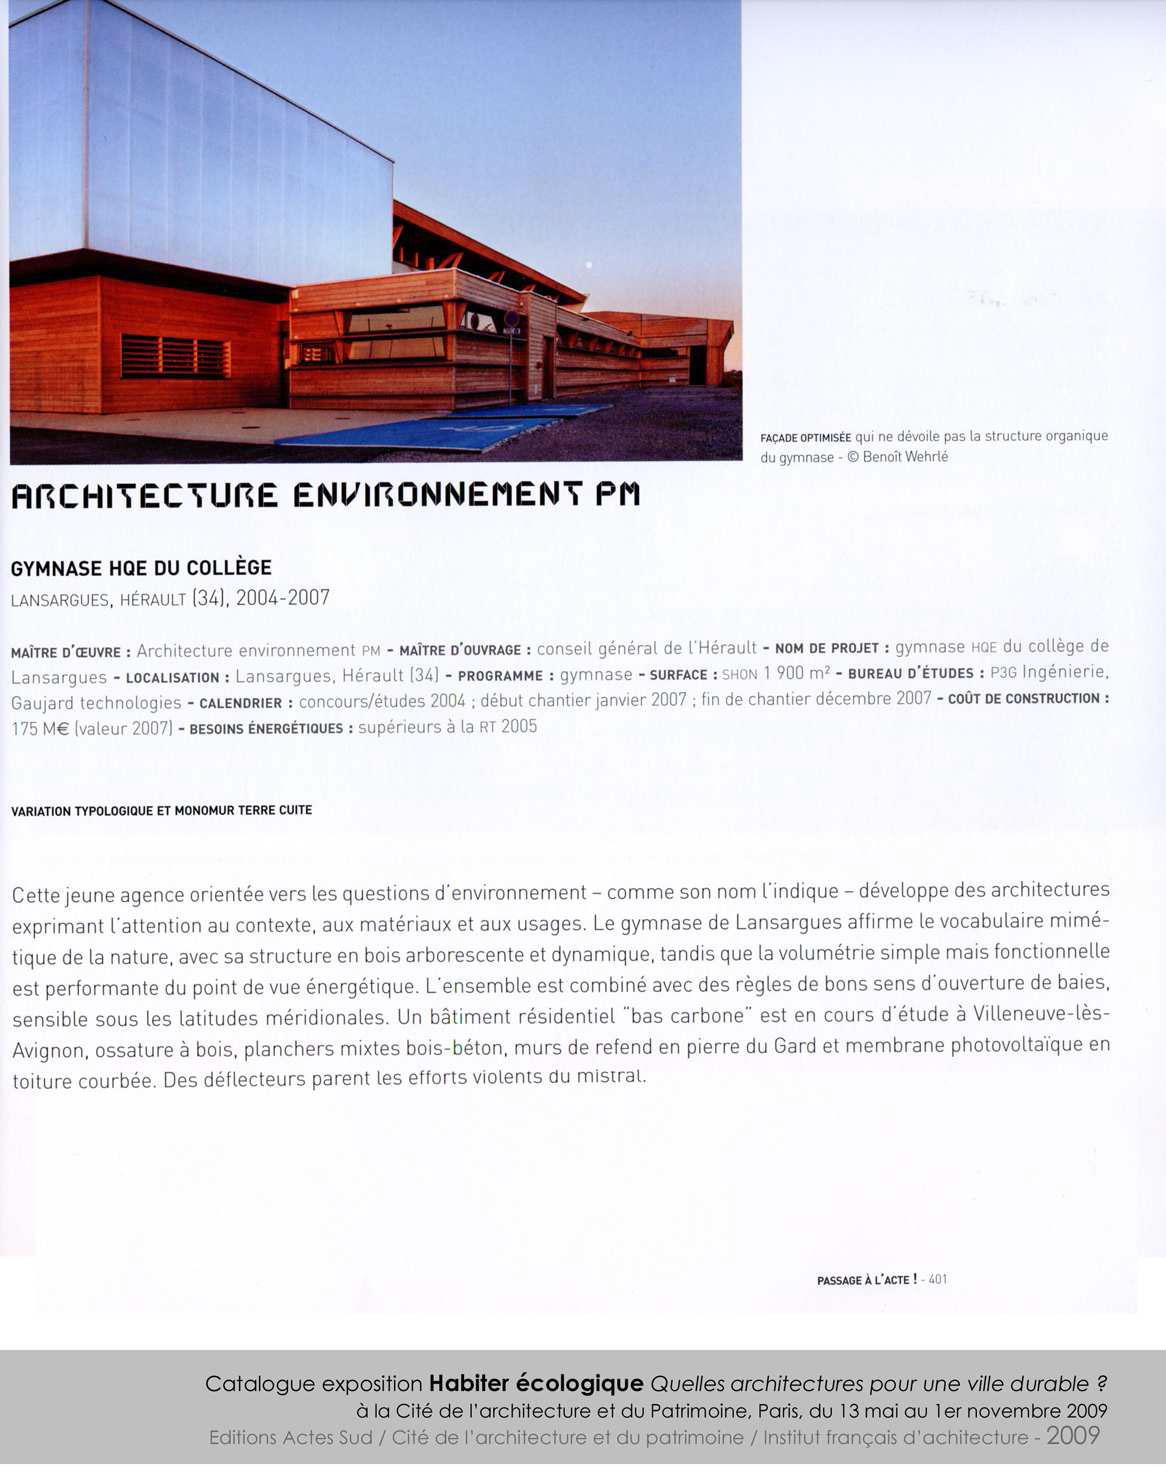 catalogue-exposition-habiter-ecologiques-quelles-architectures-pour-une-ville-durable-mai-2009